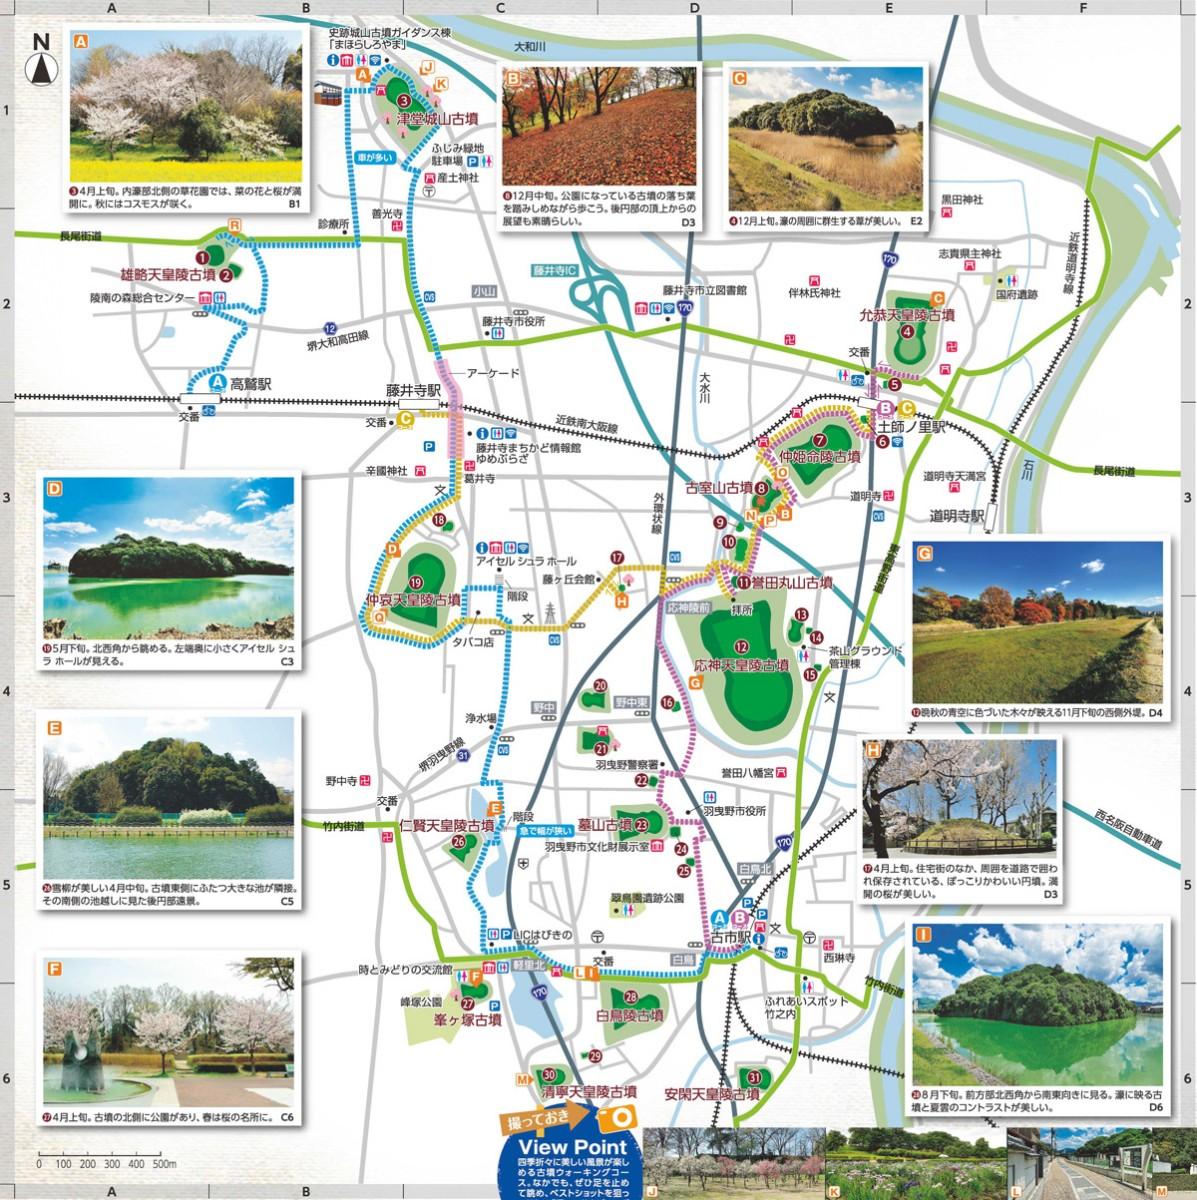 「零的突破」!大阪府首個世界遺產「百舌鳥及古市古墳群」誕生!